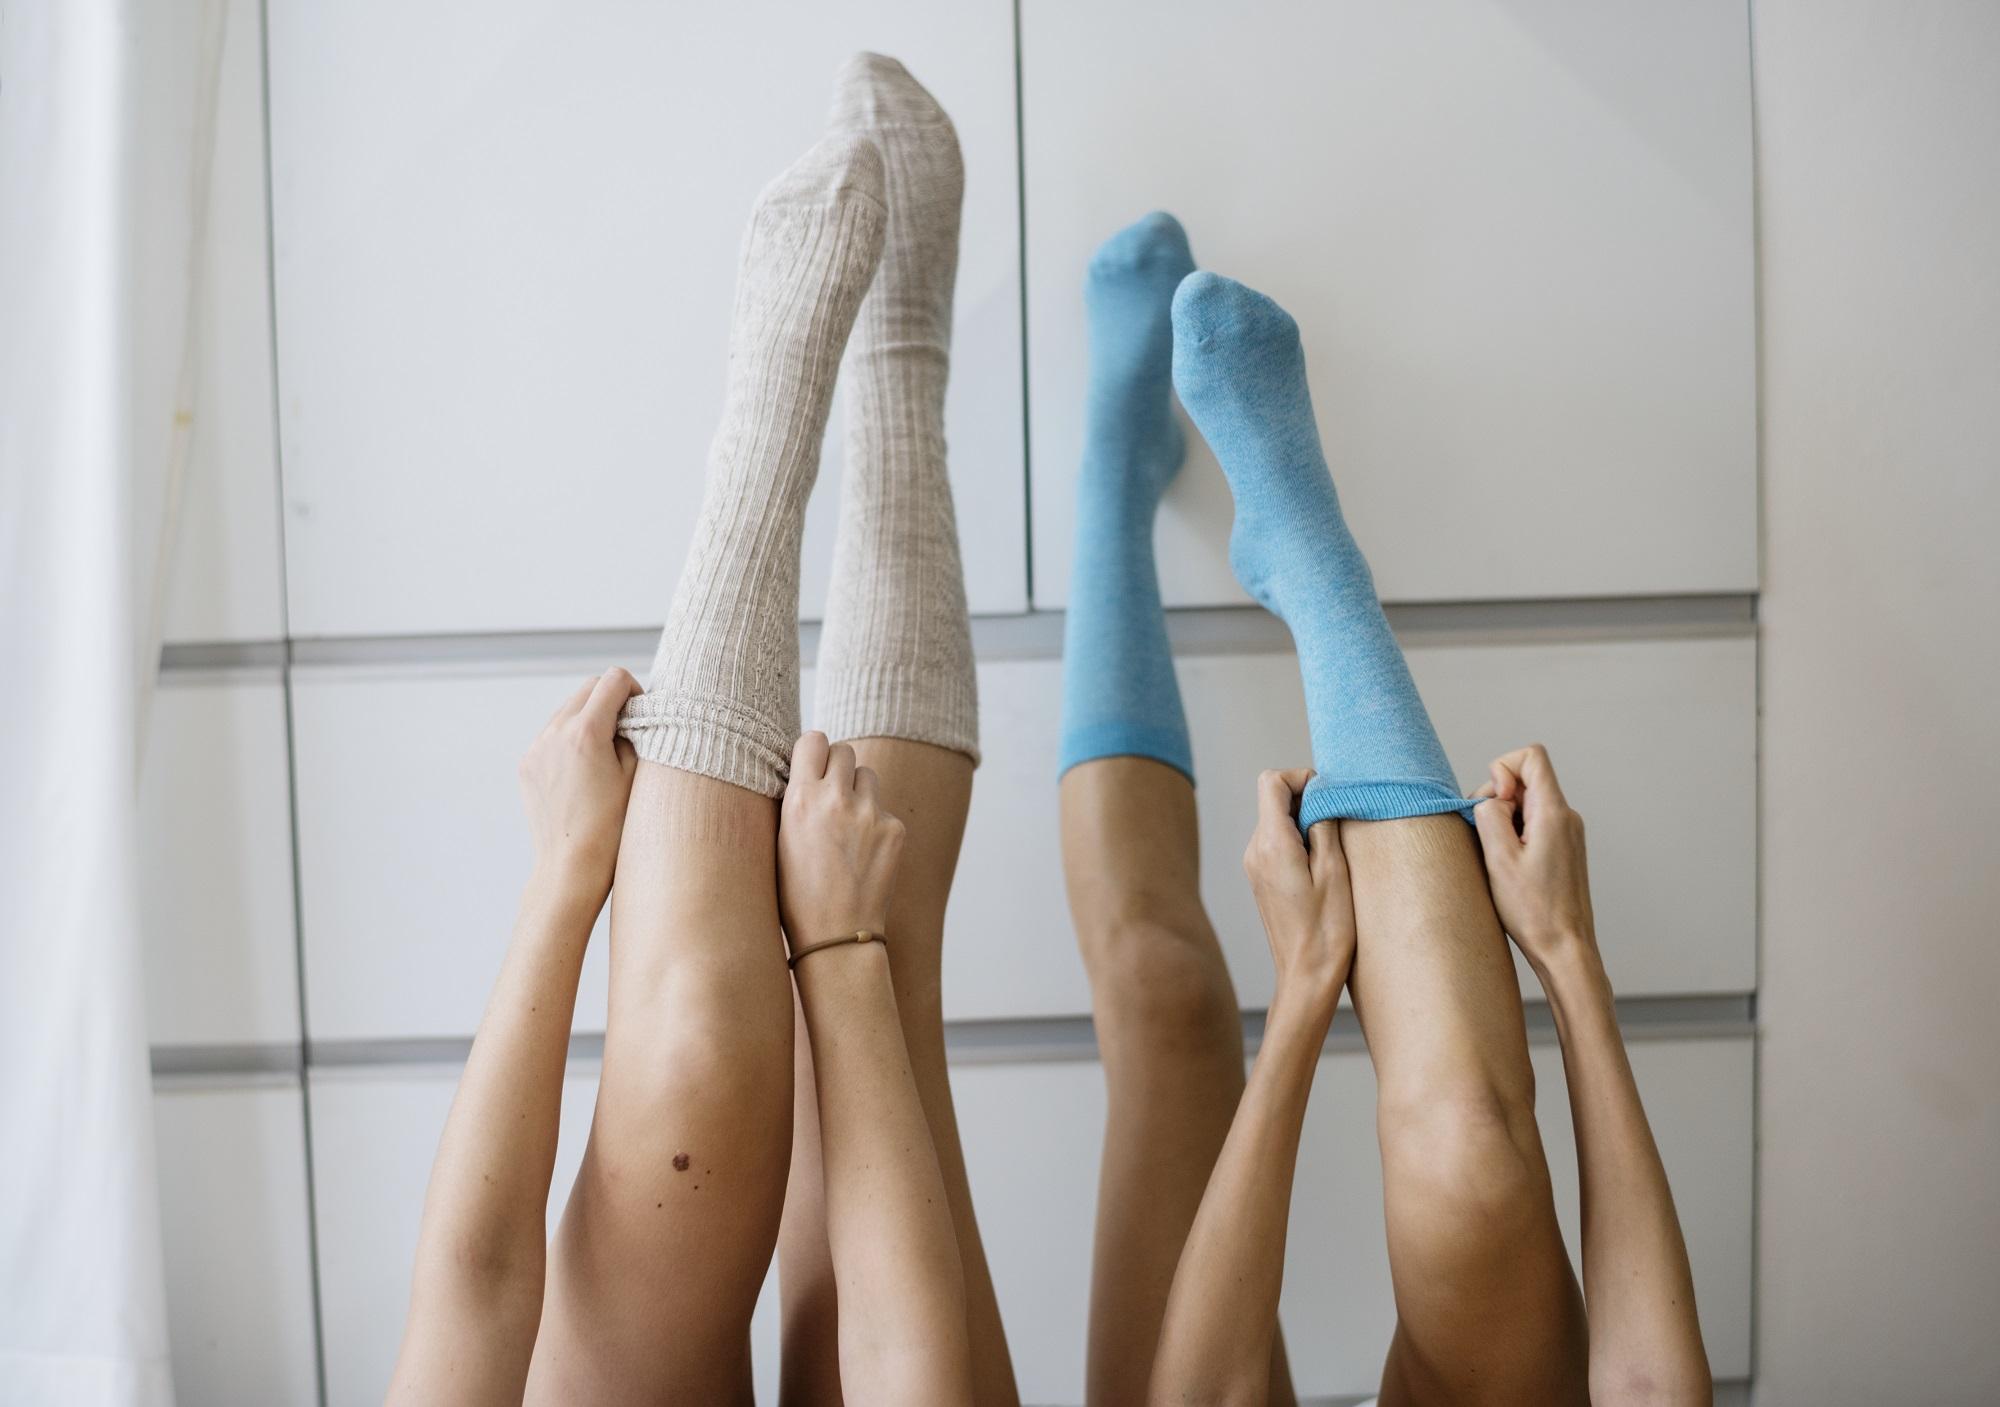 állandó fájdalom a láb ízületeiben)